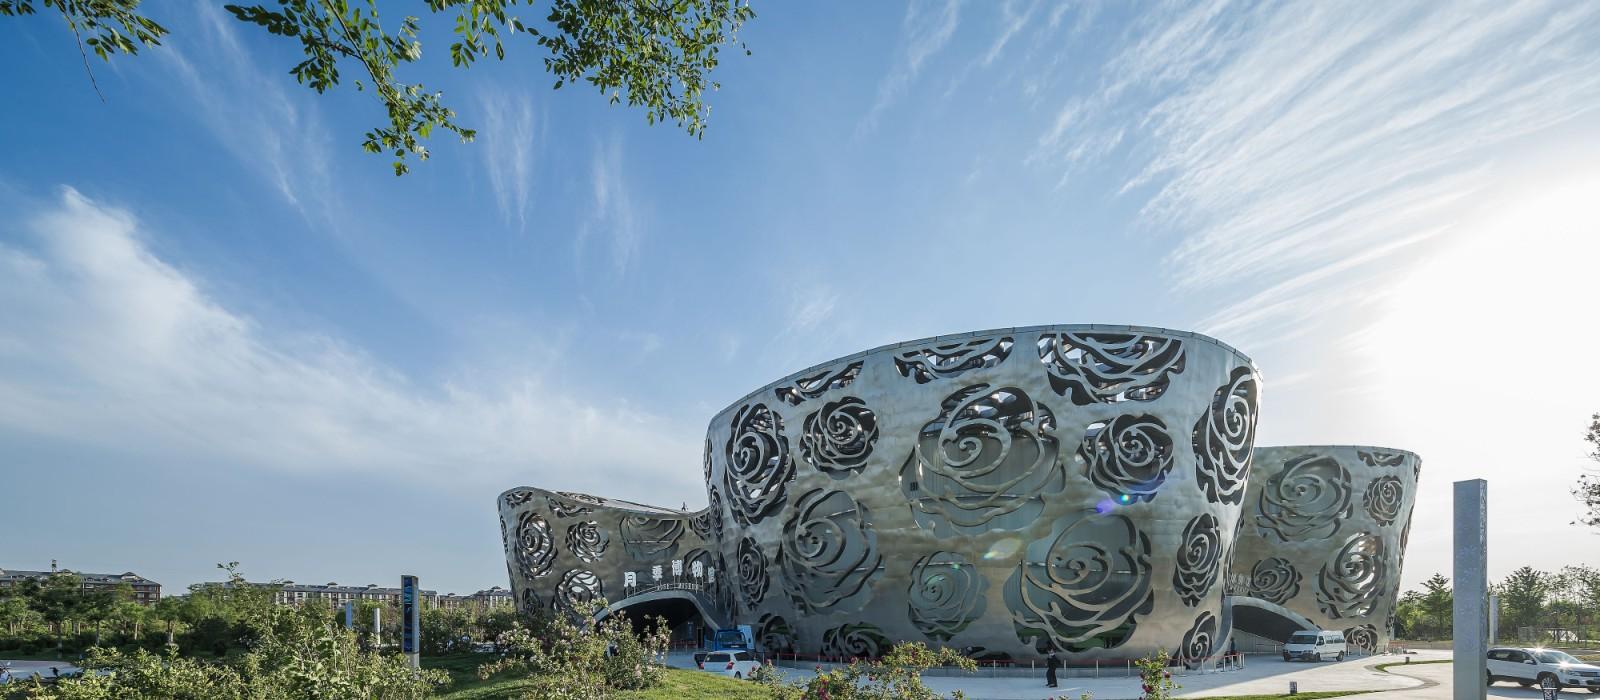 Beijing Rose Museum